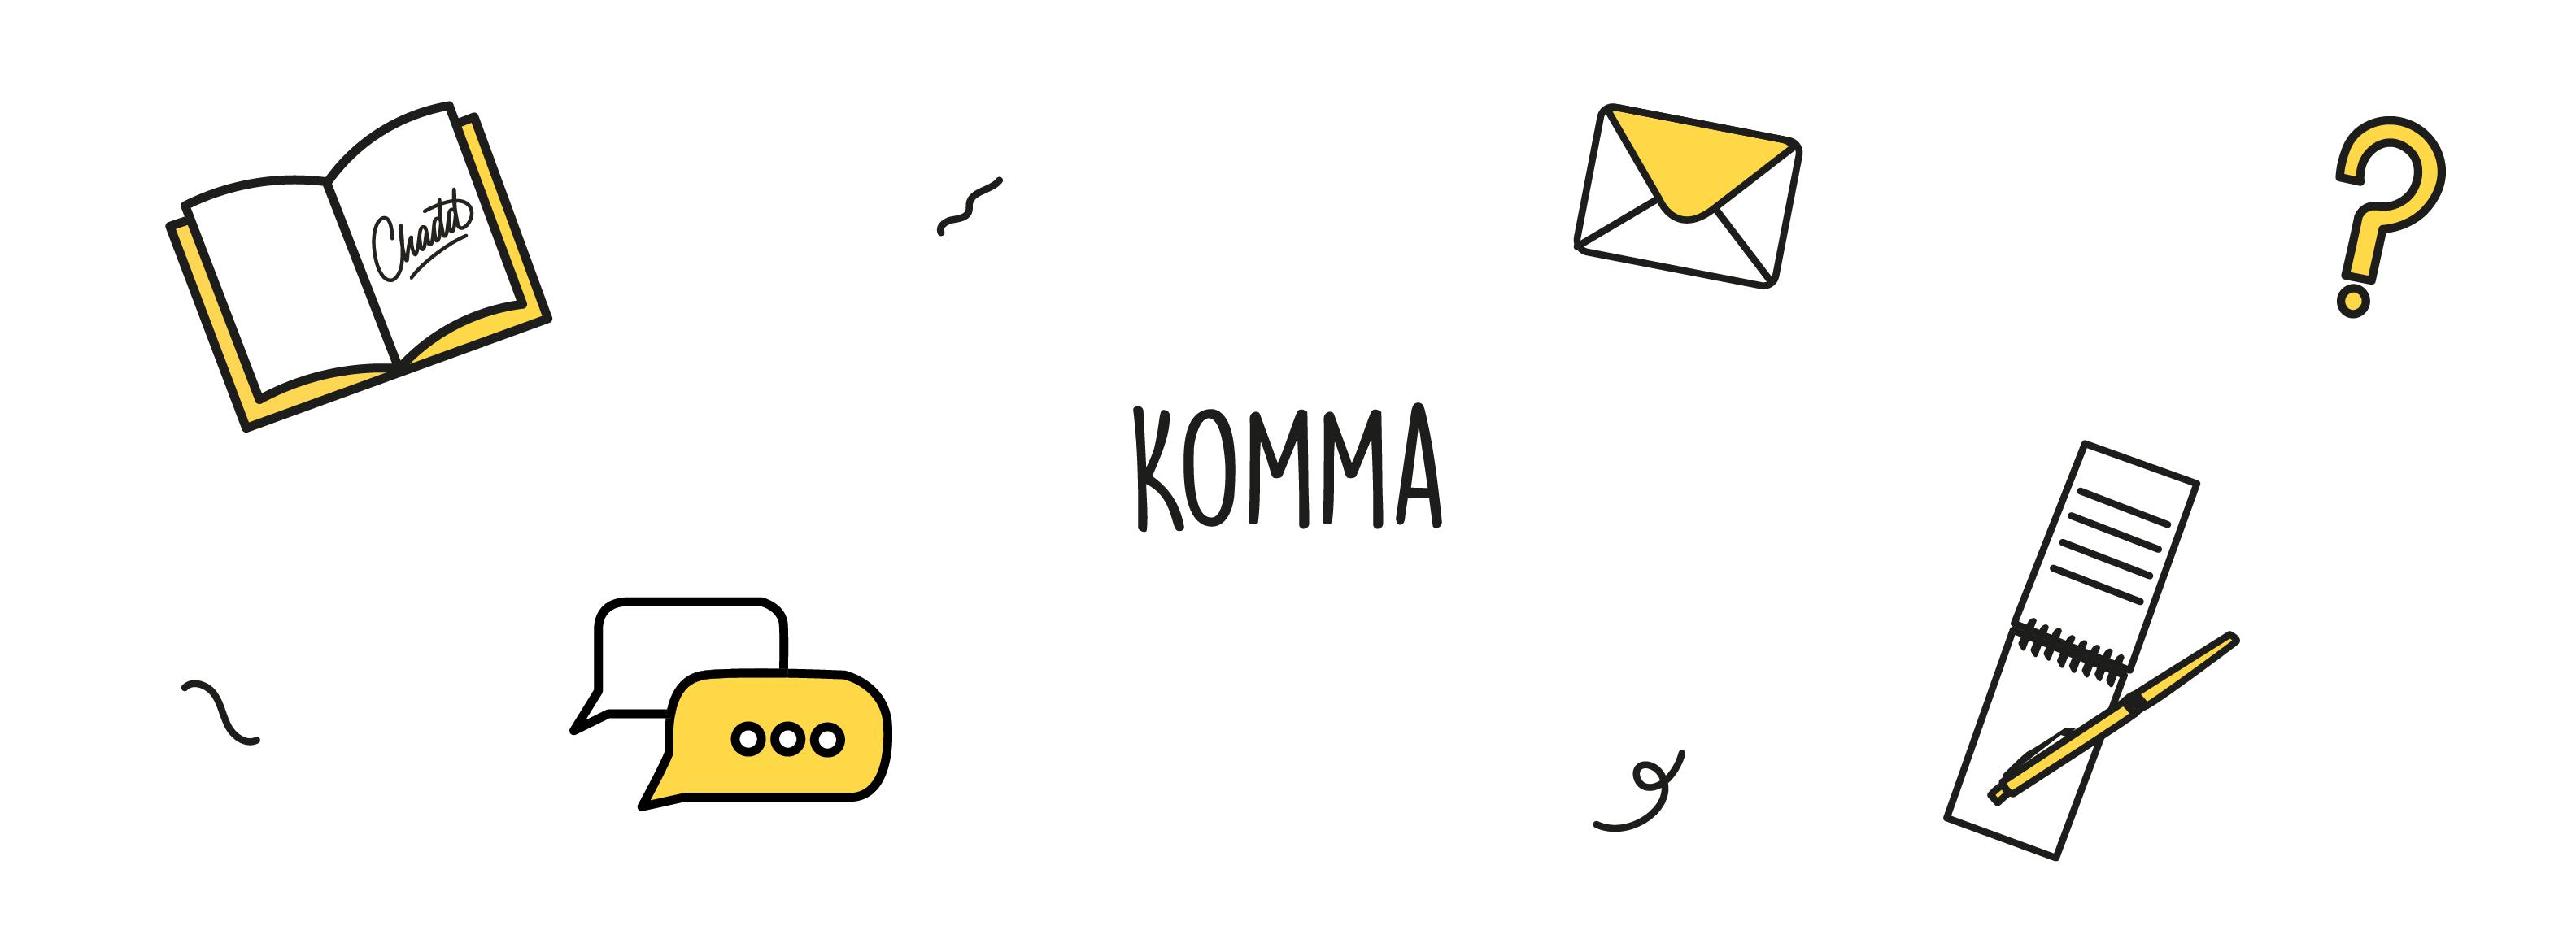 Komma